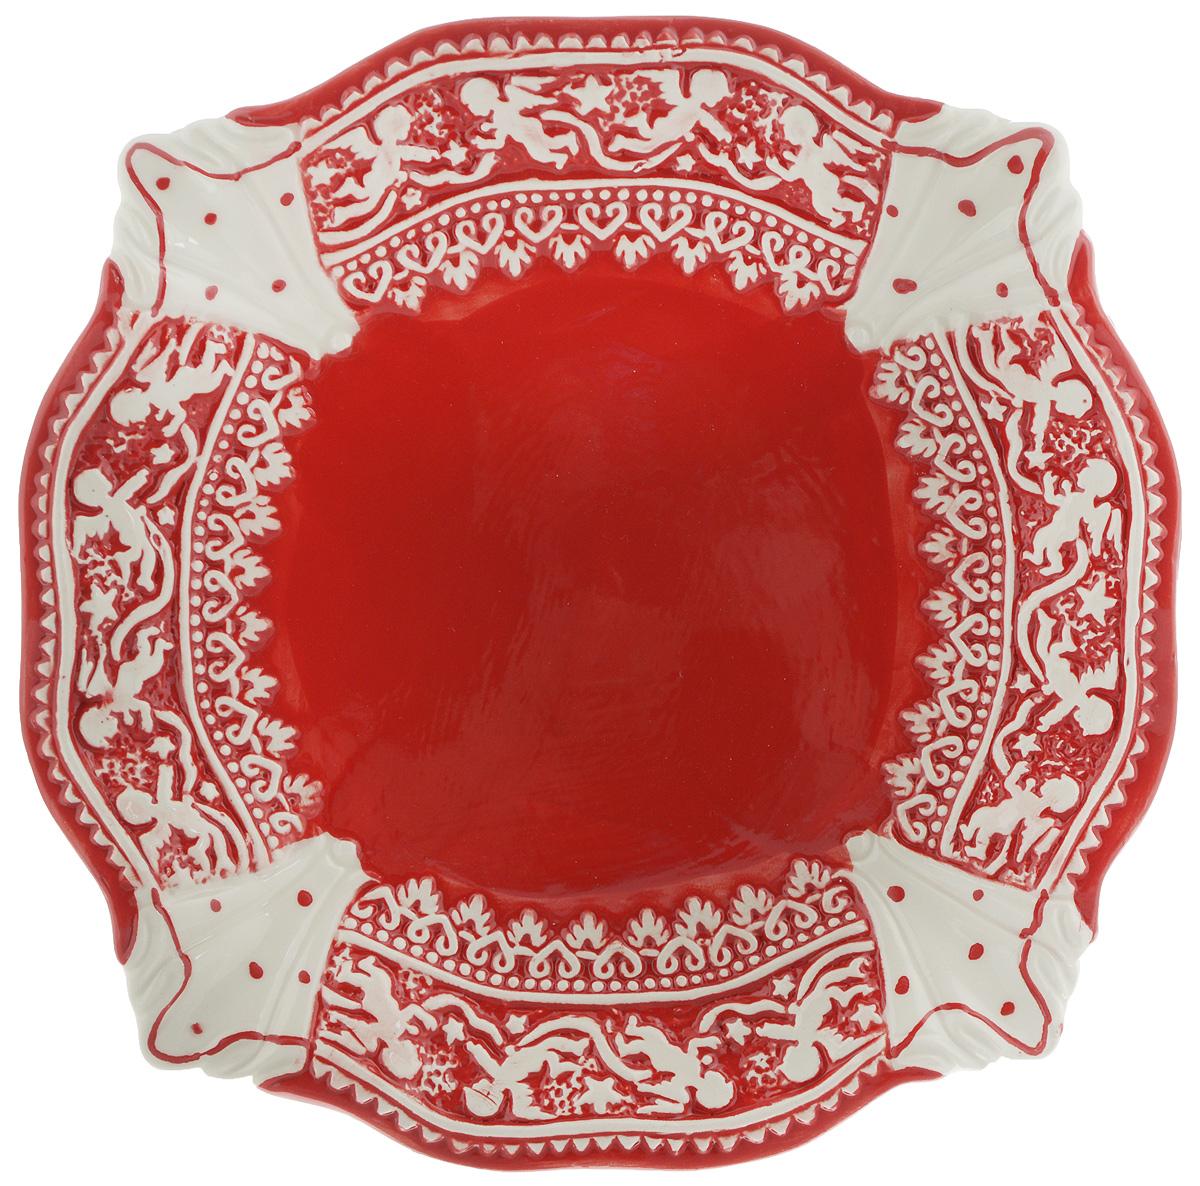 Тарелка Family & Friends Рождественский узор, 20 х 20 см. NH15B604-3NH15B604-3..Тарелка Family & Friends Рождественский узор изготовлена из качественной глазурованной керамики. Изделие декорировано красивым рельефным орнаментом в виде ангелочков. Такая тарелка отлично подойдет в качестве блюда для сервировки закусок и нарезок, ее также можно использовать как обеденную. Тарелка Family & Friends Рождественский узор будет потрясающе смотреться на новогоднем столе. Яркий запоминающийся дизайн и качество исполнения сделают ее отличным новогодним подарком. Не рекомендуется использовать в микроволновой печи и мыть в посудомоечной машине.